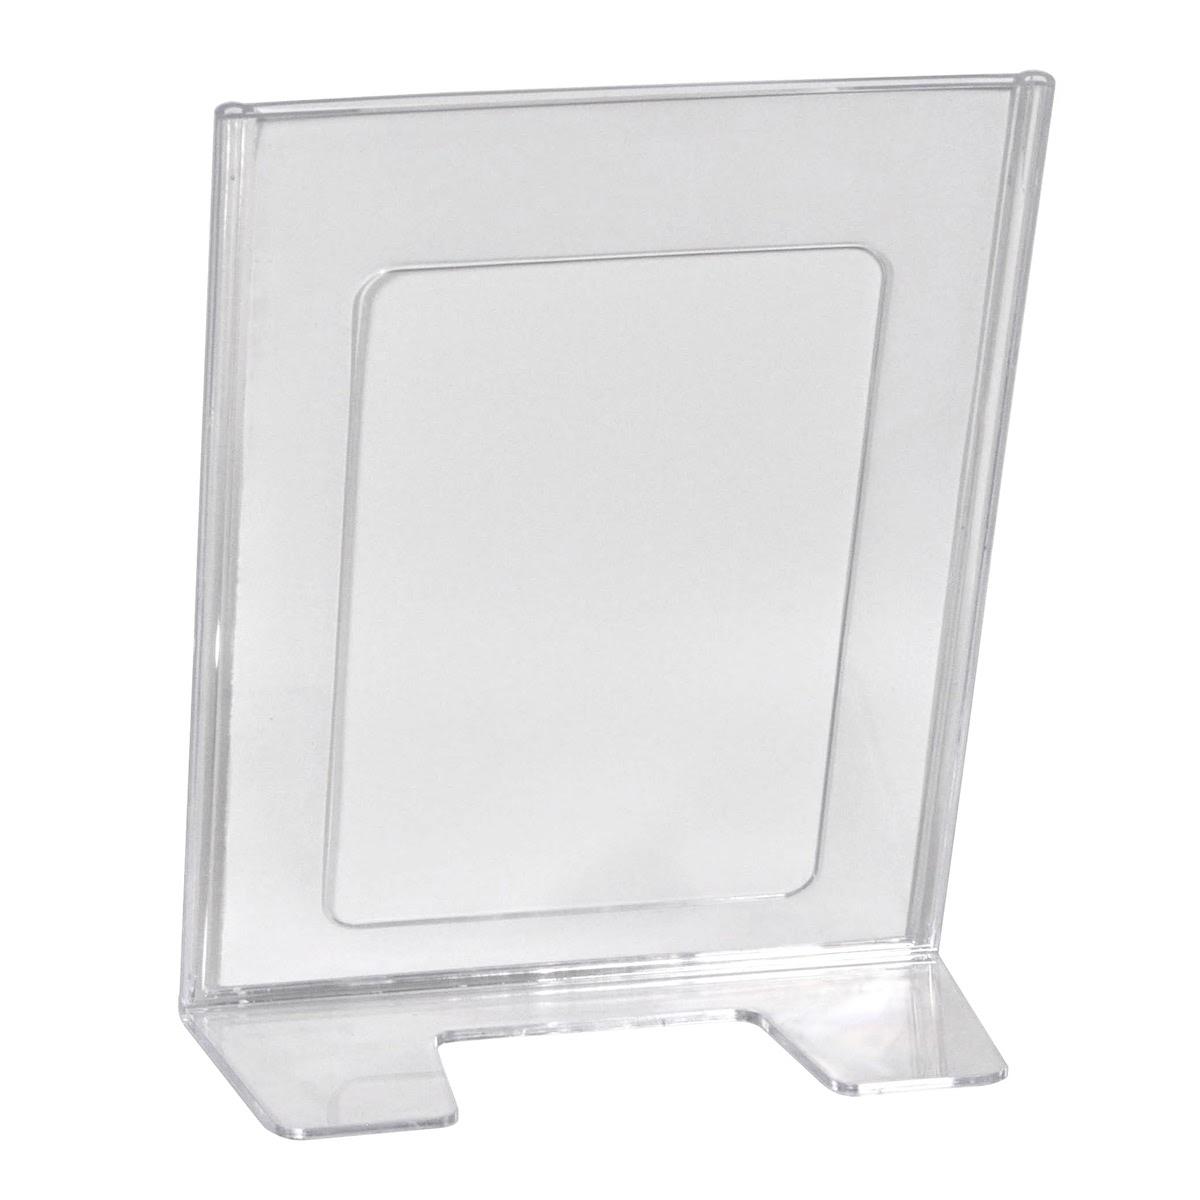 Suport pliante HOLDER MOULDED, din plastic transparent turnat, JJ DISPLAYS